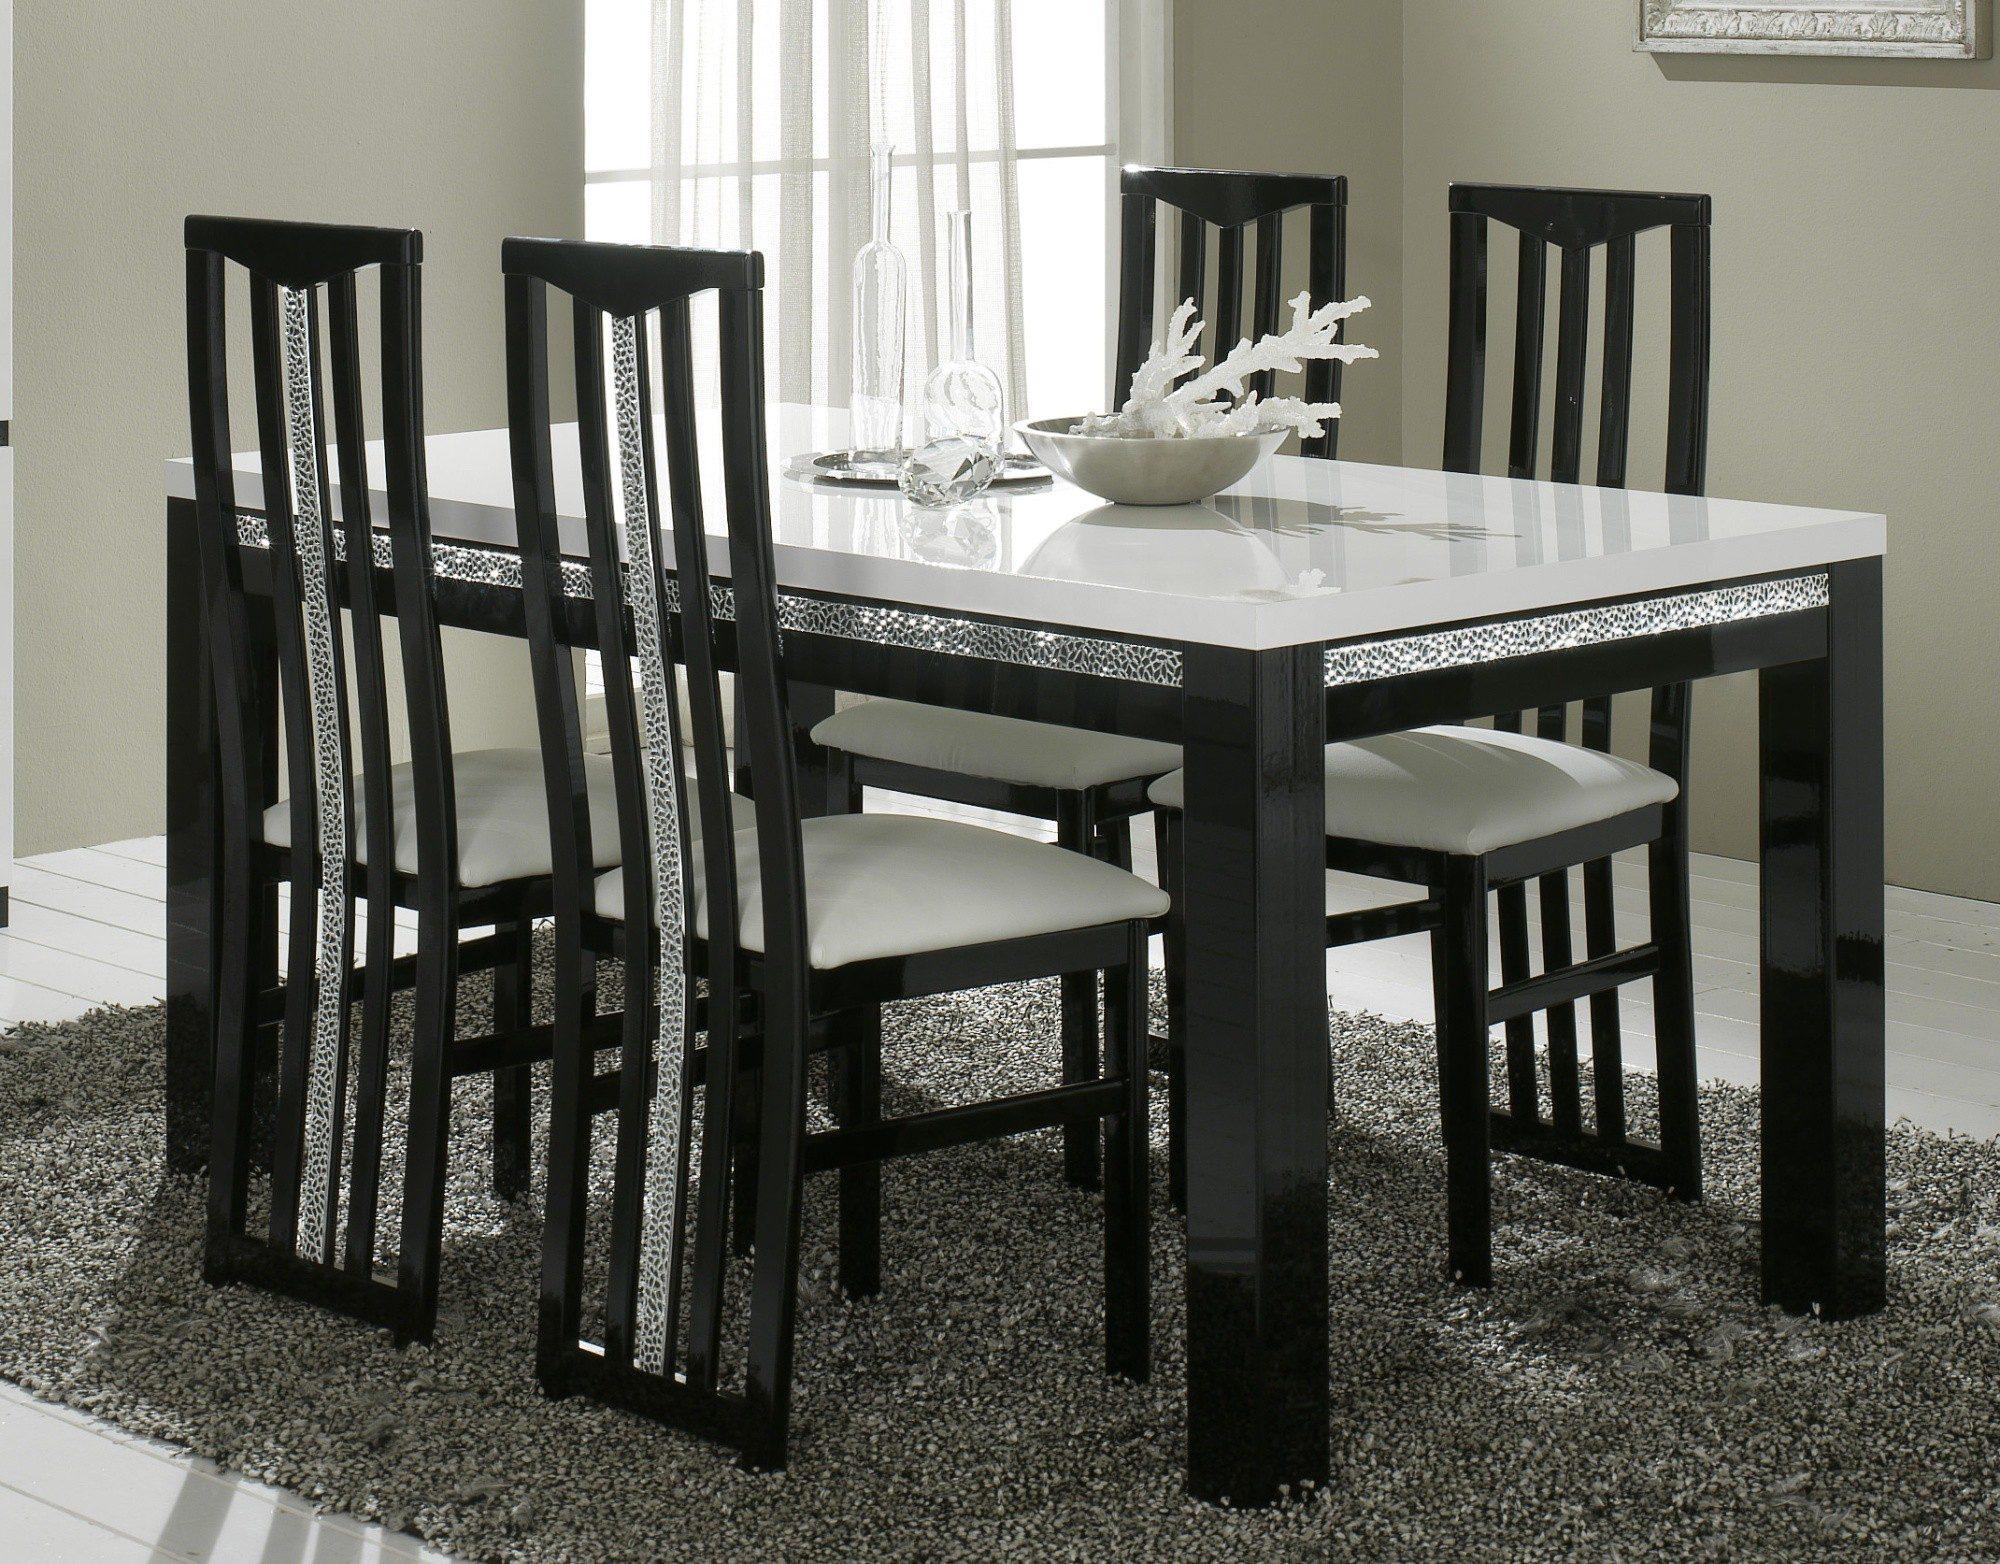 Salle manger cromo sp cial for Table salle a manger noir et blanc